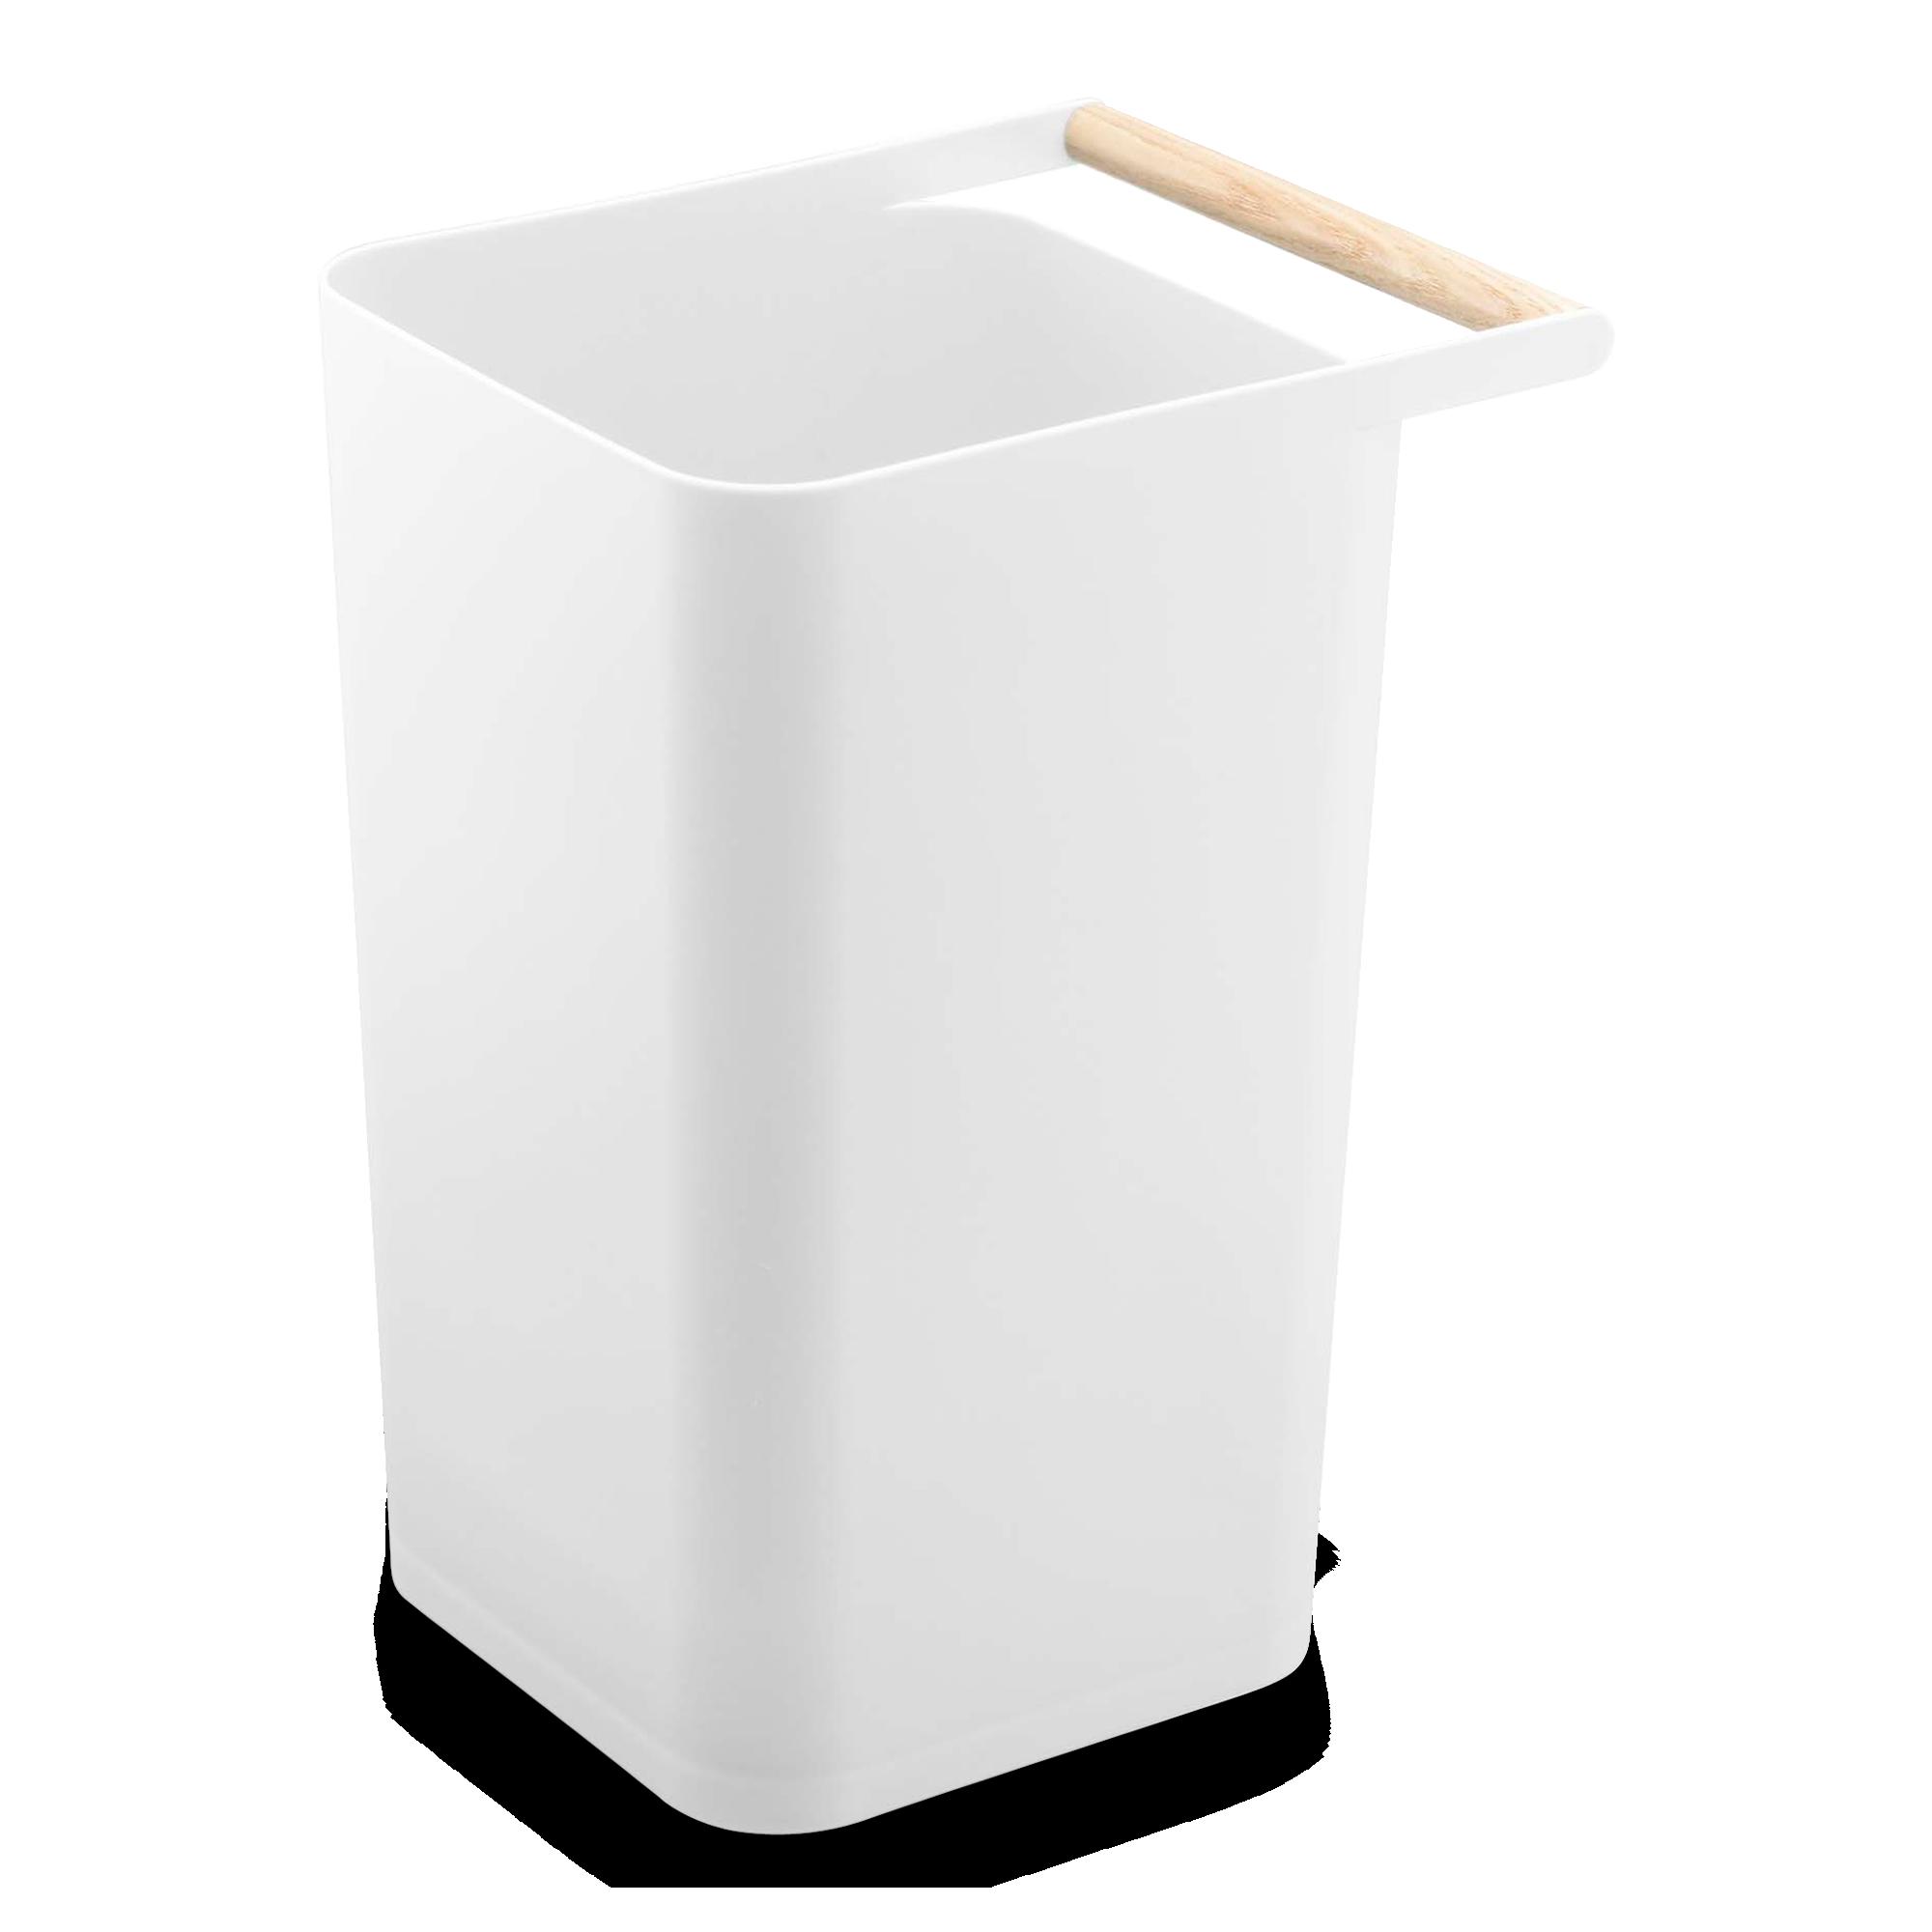 como-trash-can-white-1